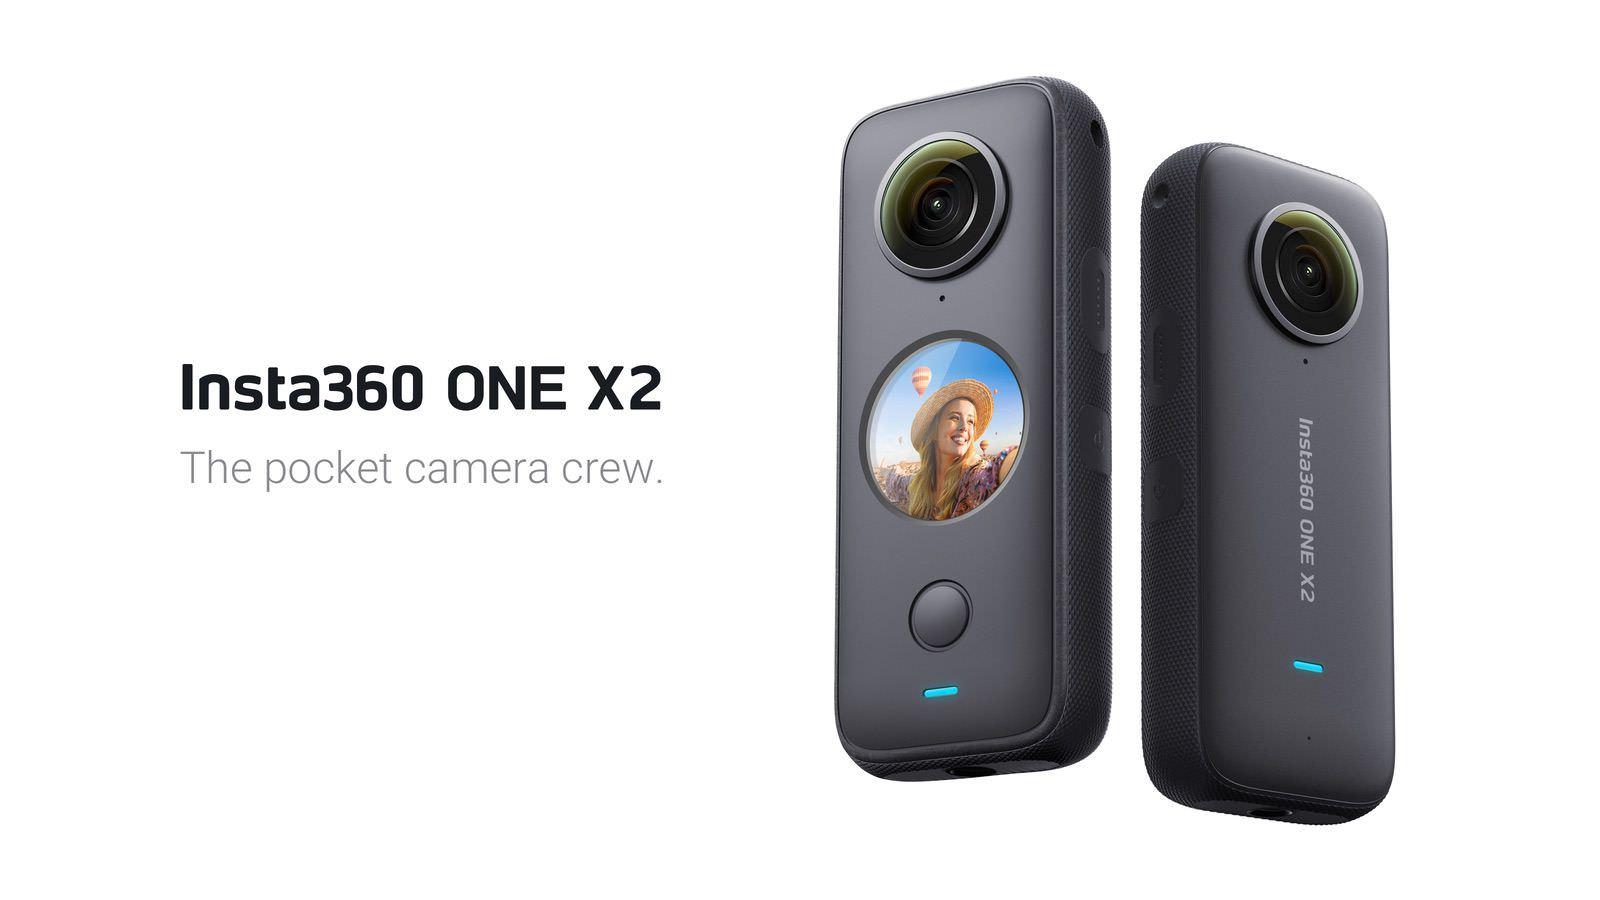 Insta360 ONE X2 02